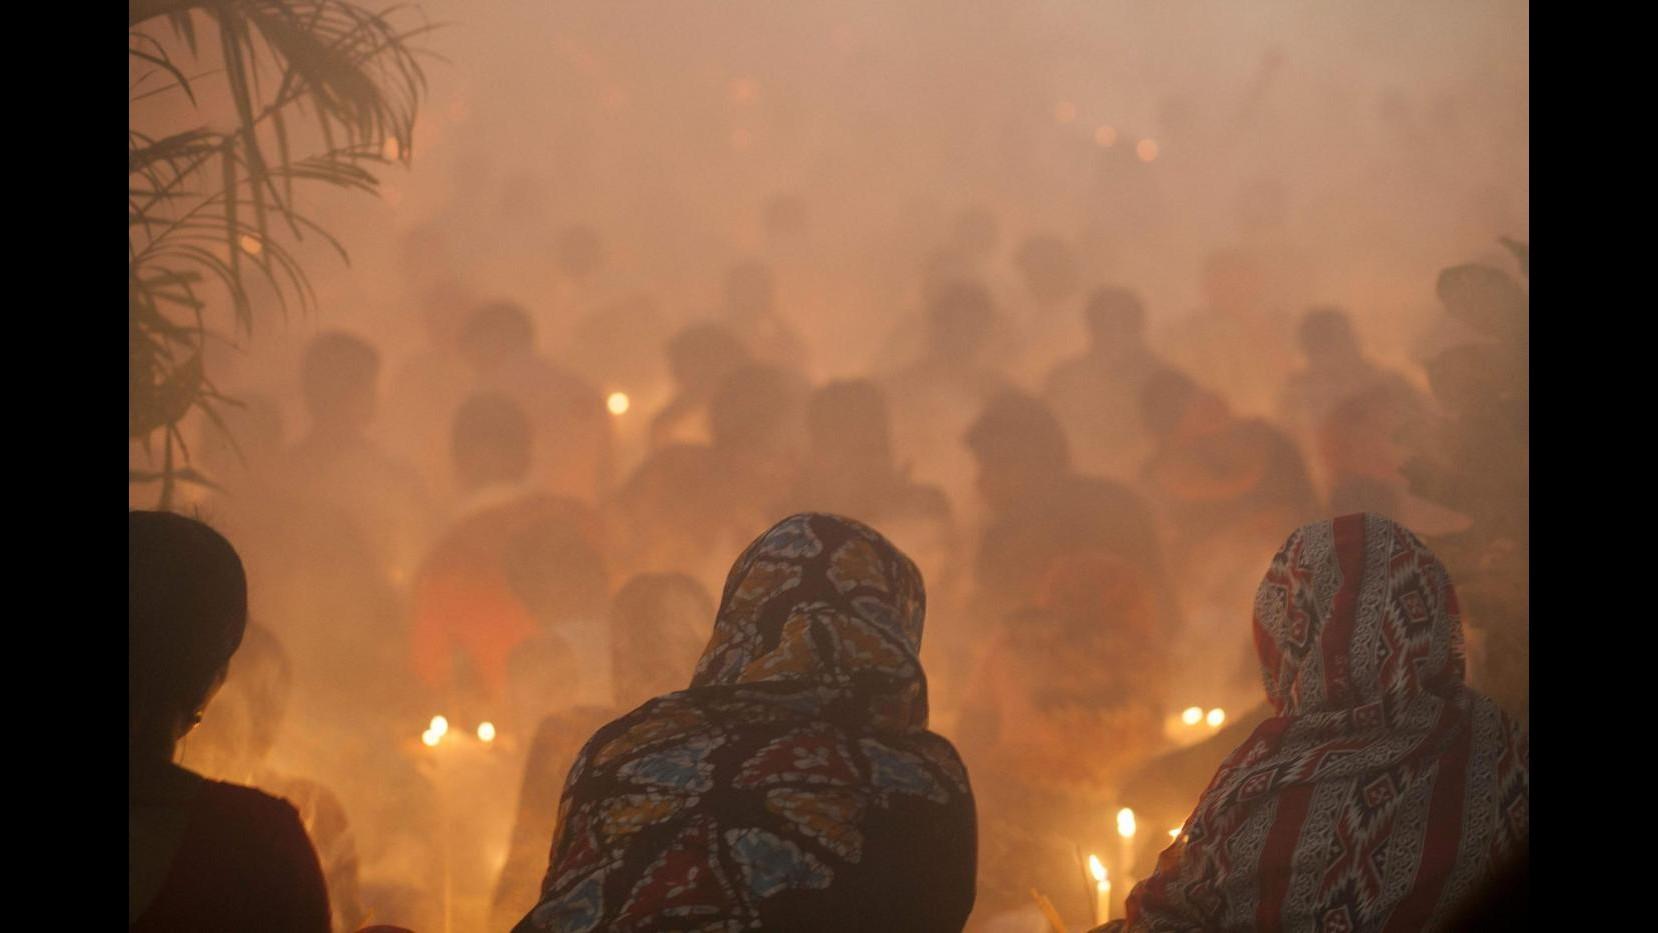 Calca in rituale indù a Dacca: 10 morti e 30 feriti